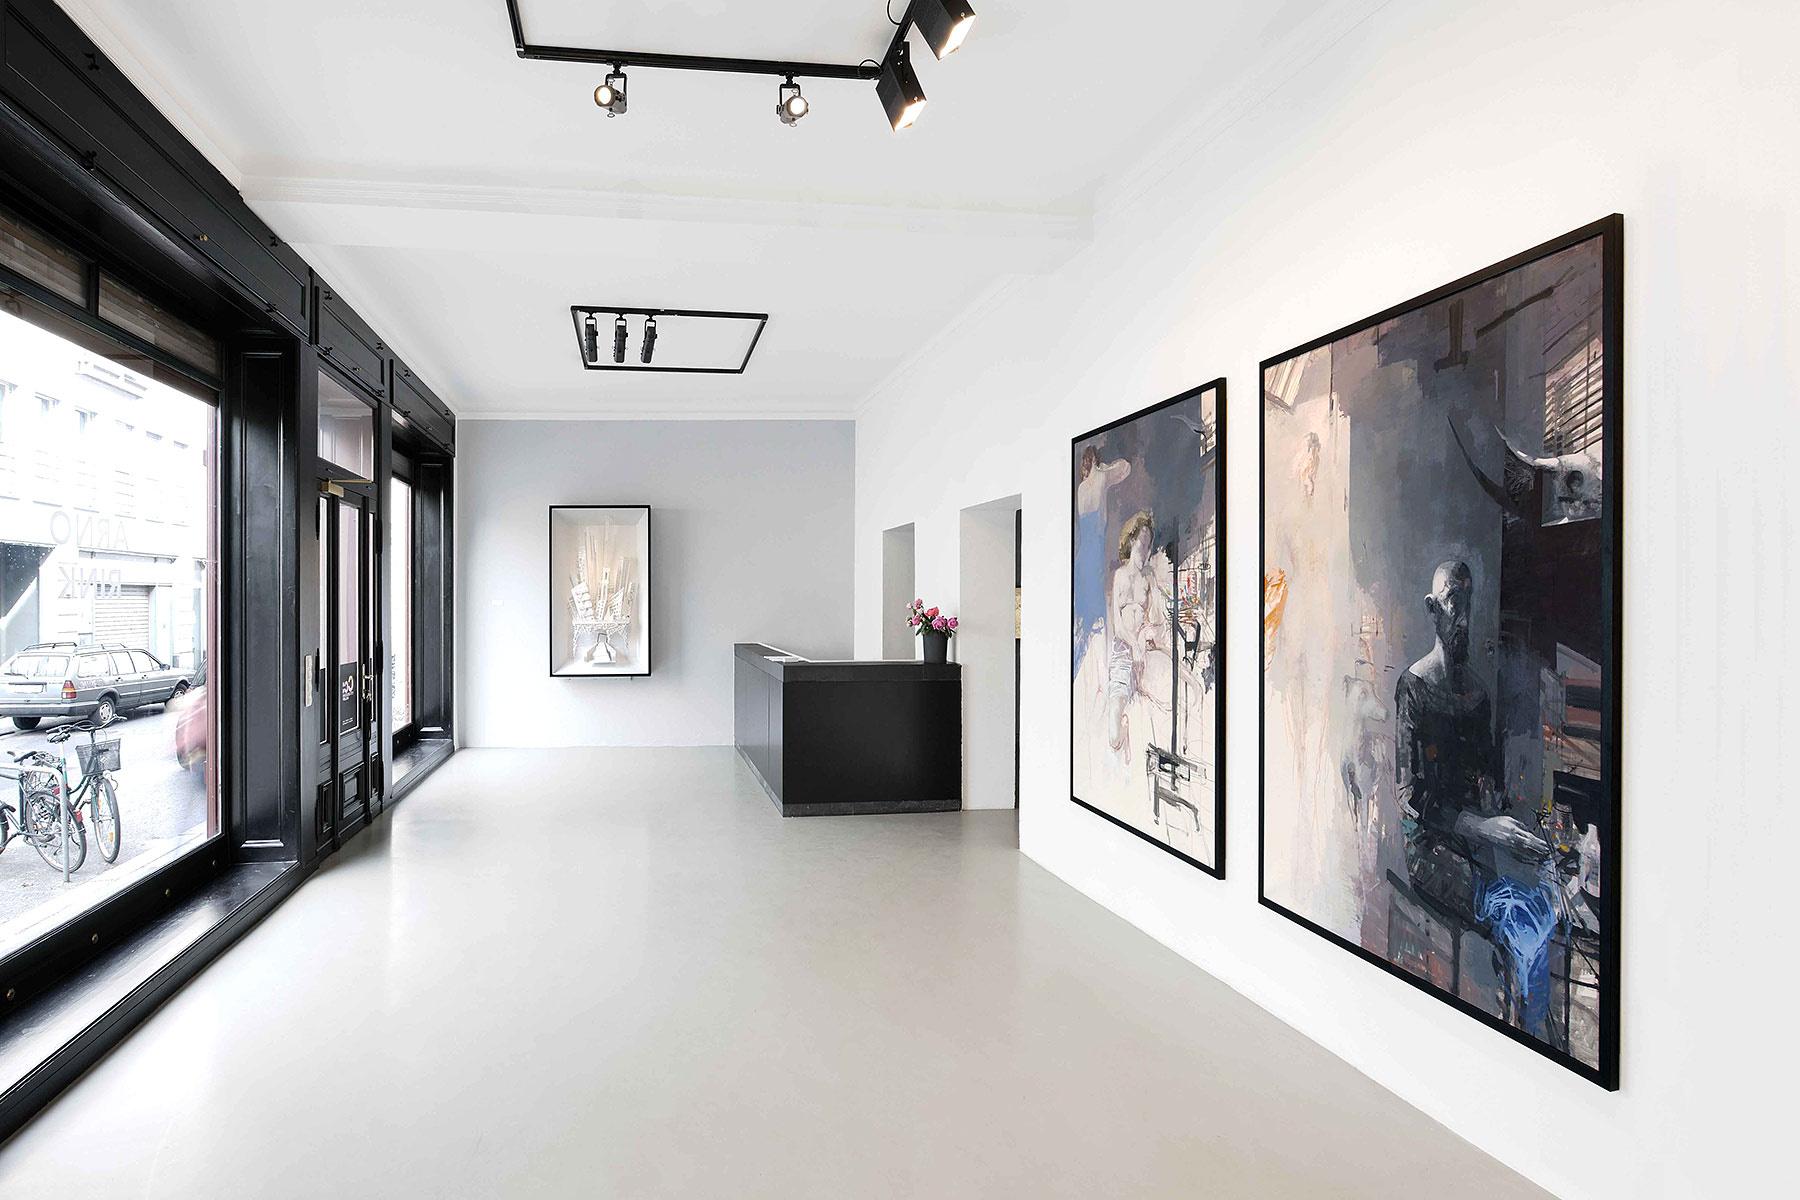 especial_viajes_mejores_galerias_de_arte_en_el_mundo__648494977_1800x1200